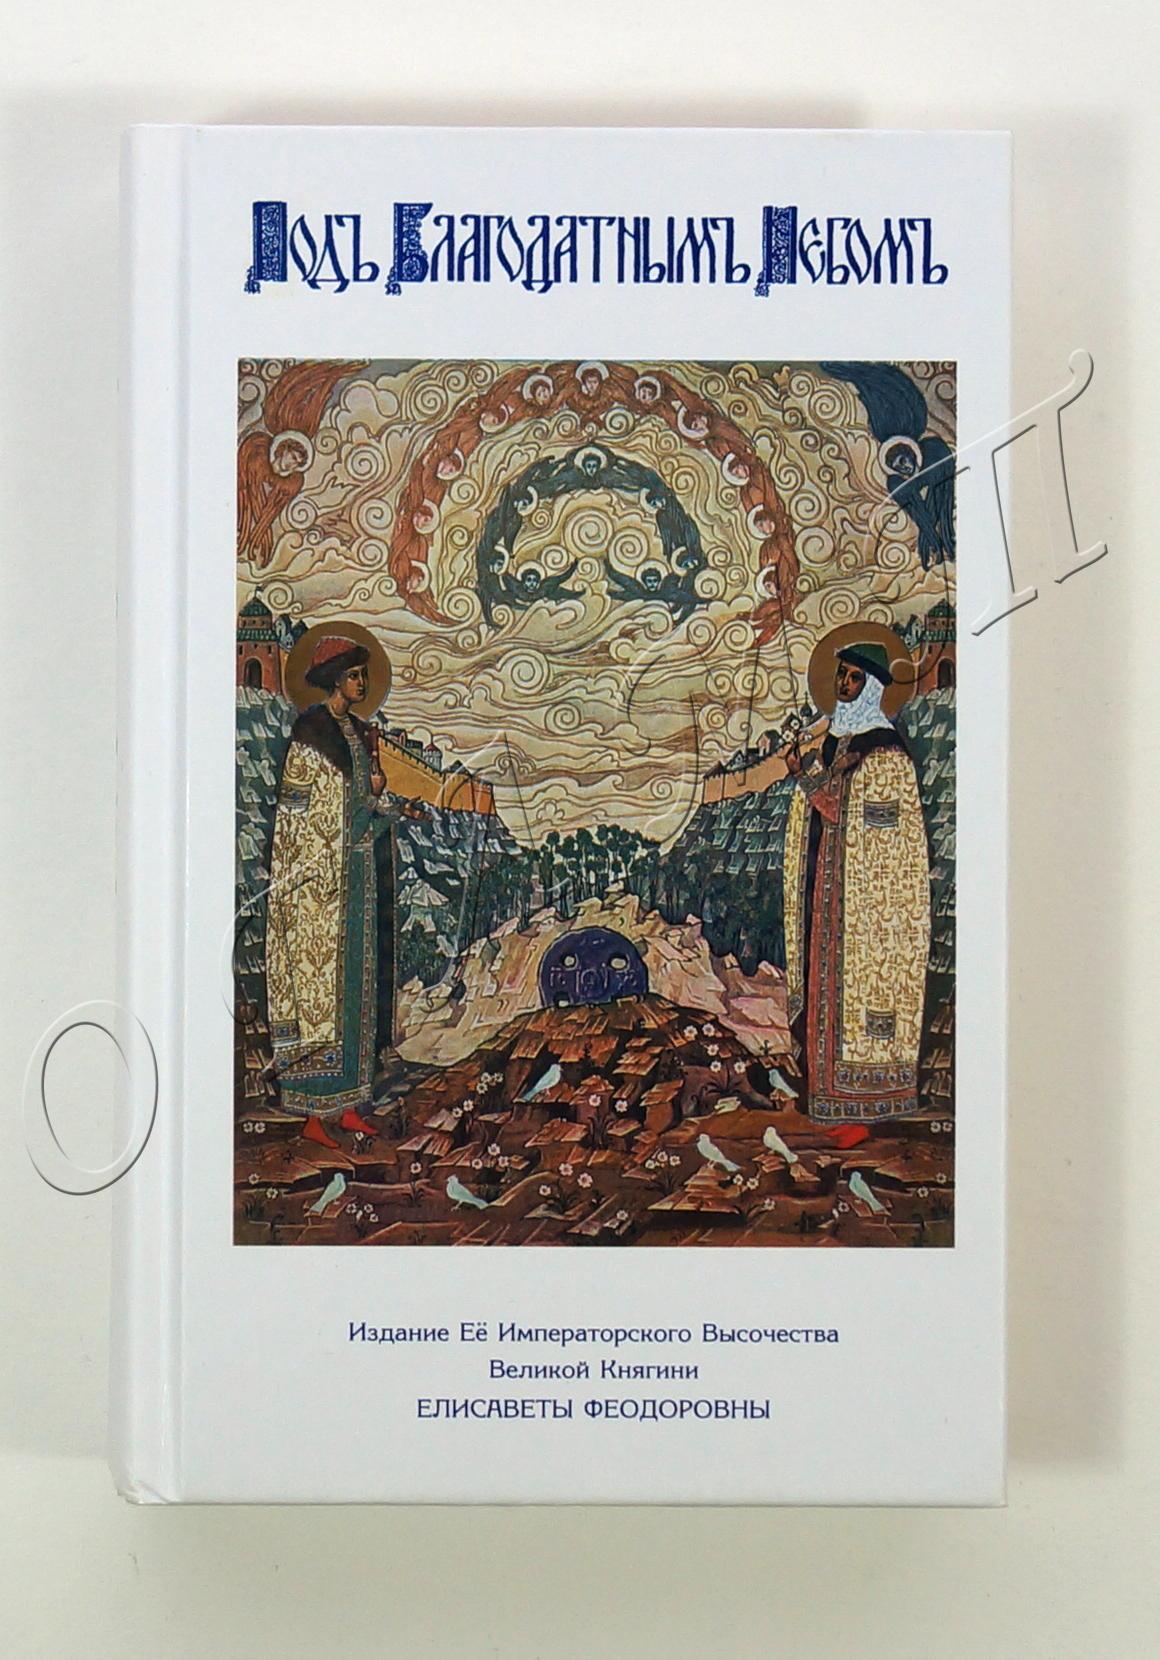 Книги о Елизавете Фёдоровне Романовой в фонде Редкая книга.